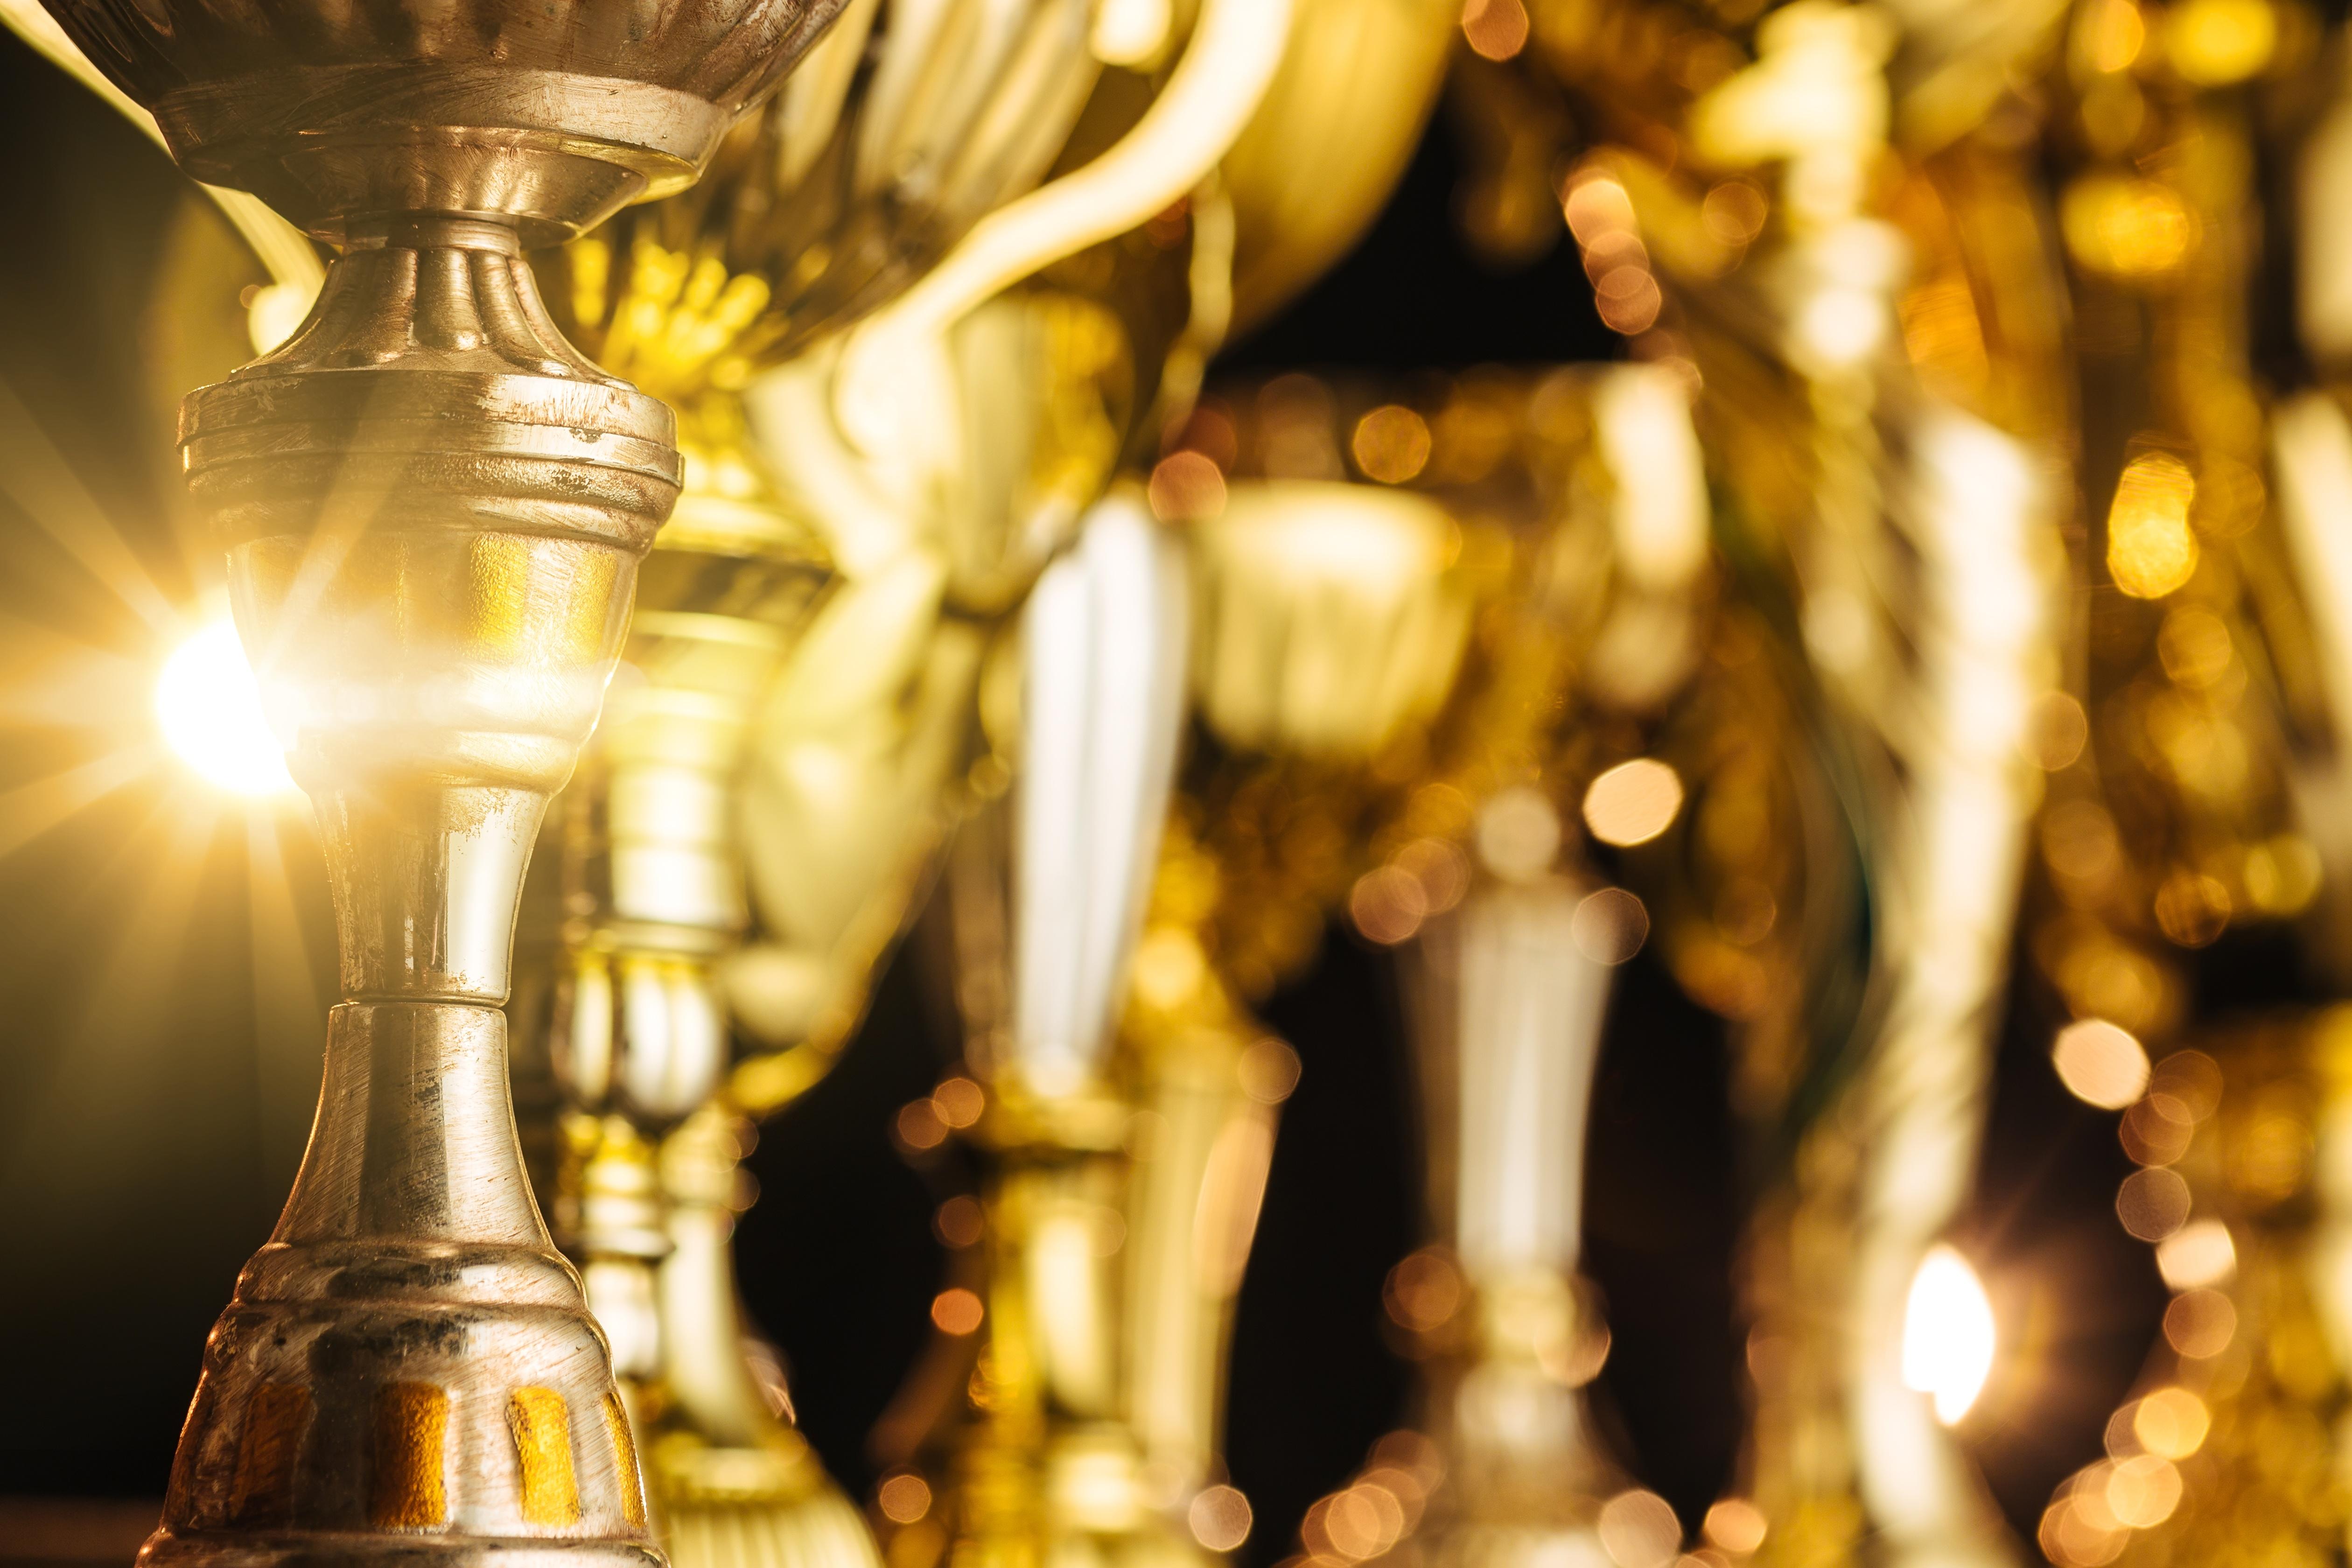 best-innovative-designs-3-inspiring-award-winning-logos.jpg